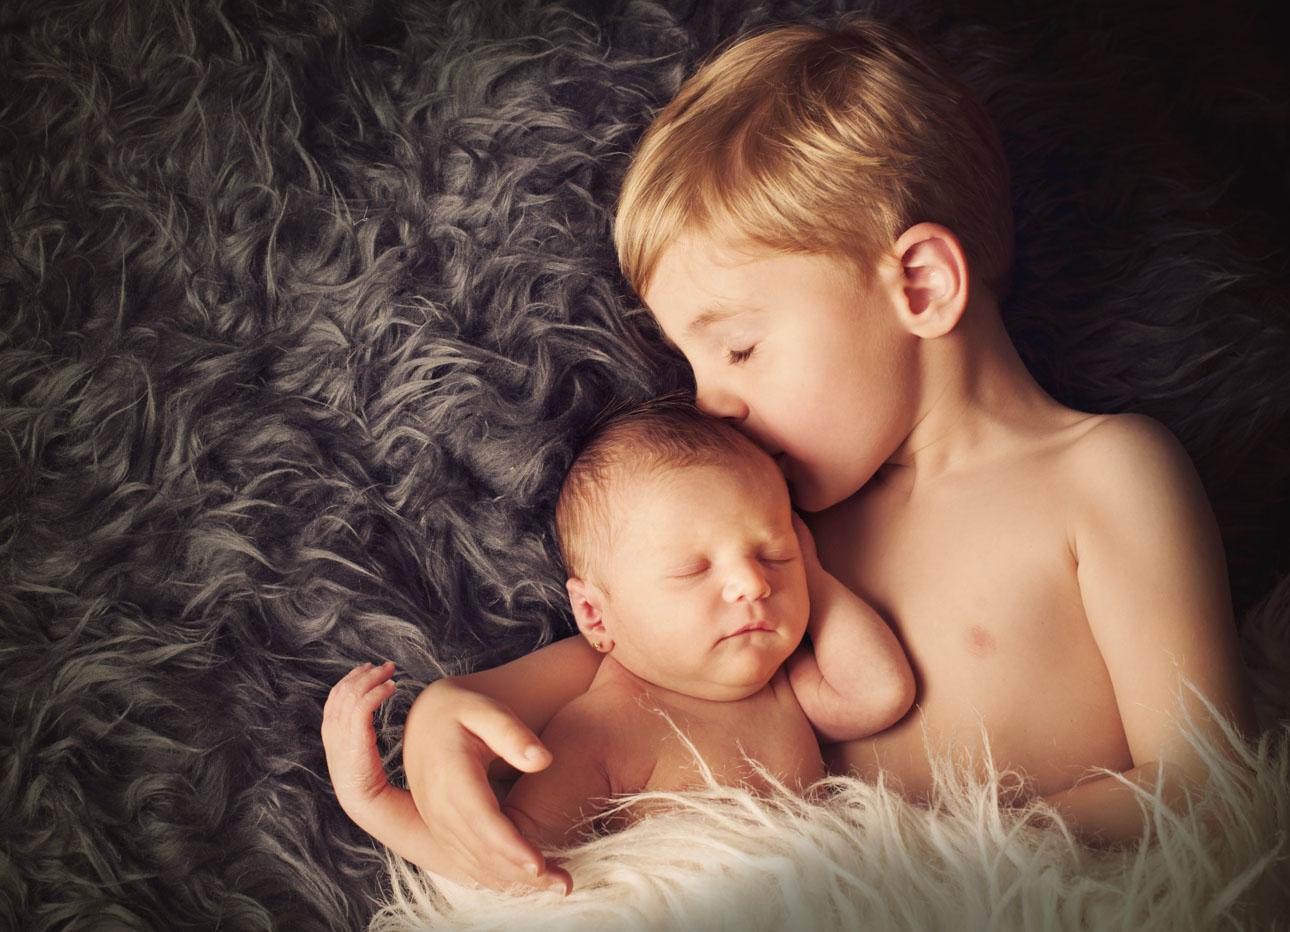 , fotografo de niños, foto estudio bebe, foto infantil, seccion de fotos, fotografos en barcelona, foto bebe estudio, fotografias de bebes recien nacidos, sesion de fotos para bebes, fotos a bebes recien nacidos